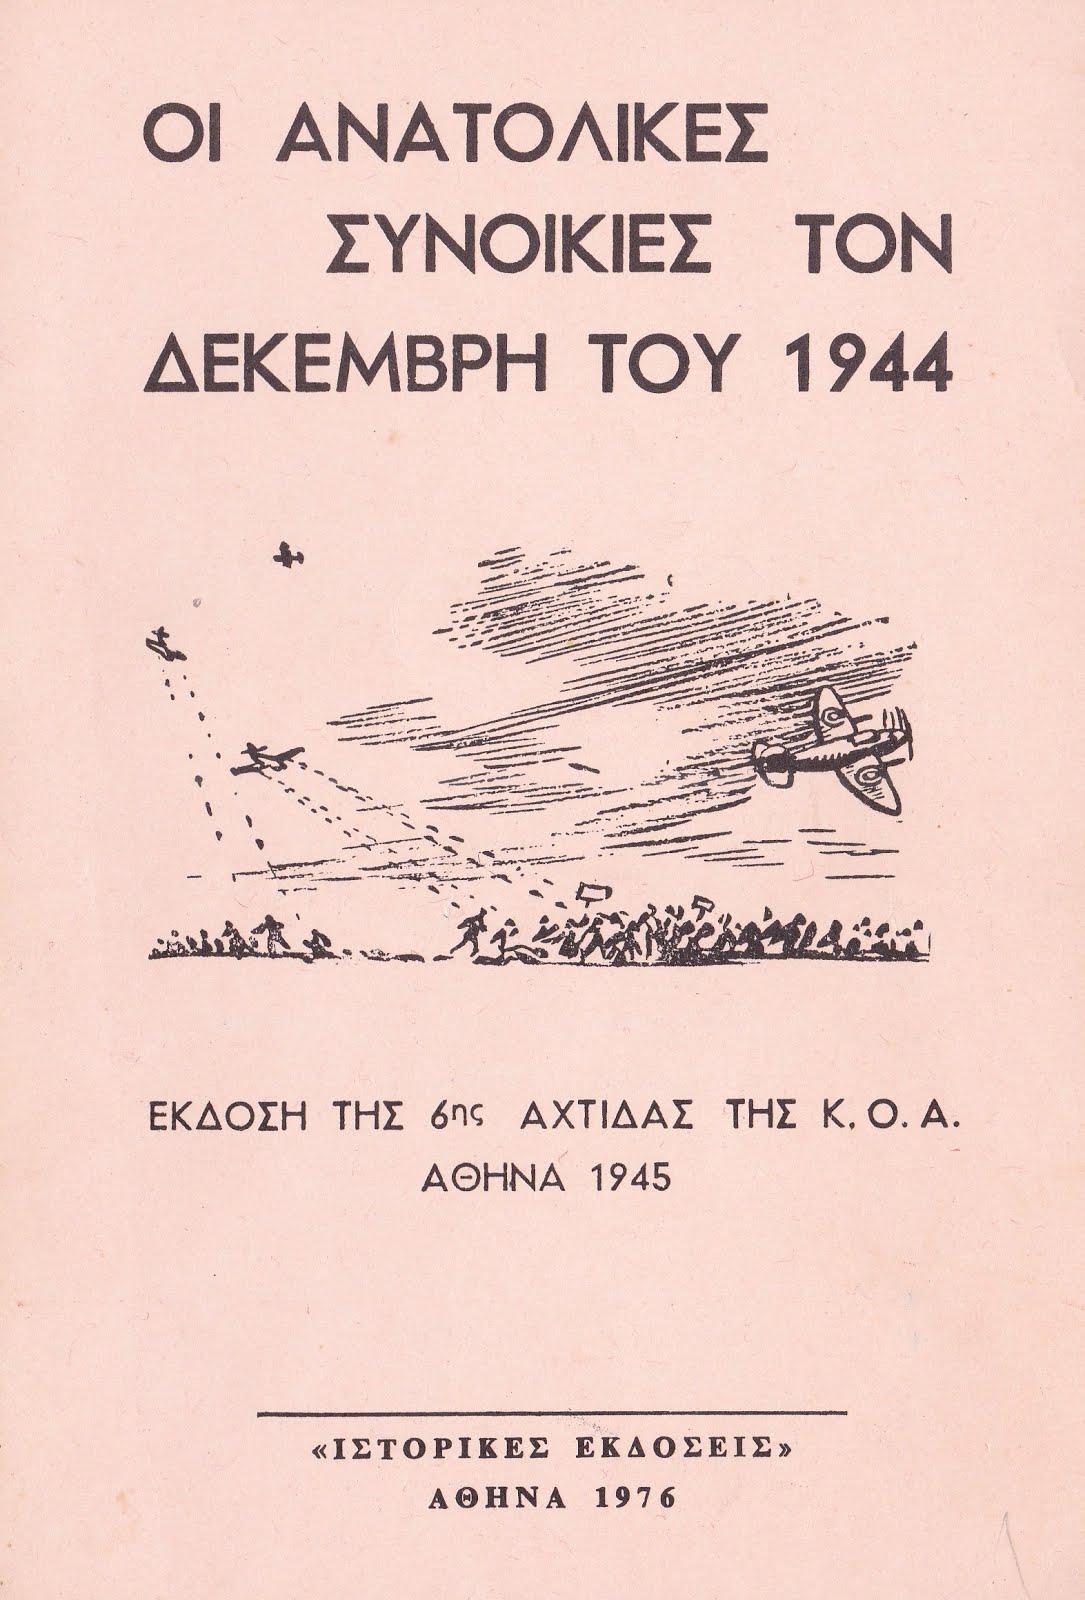 ΟΙ ΑΝΑΤΟΛΙΚΕΣ ΣΥΝΟΙΚΙΕΣ ΤΟΝ ΔΕΚΕΜΒΡΗ ΤΟΥ 1944